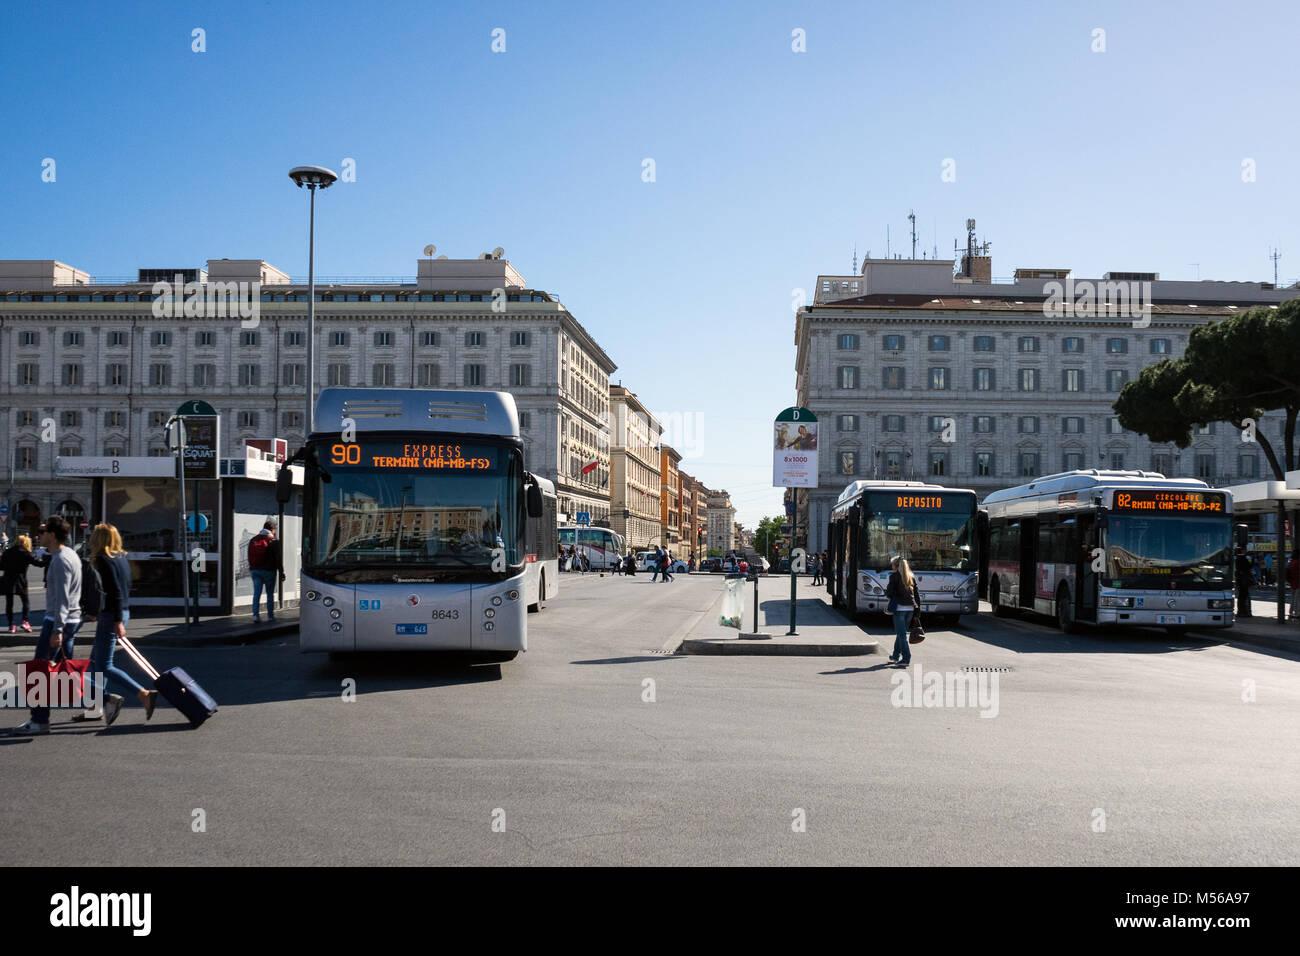 Roma, Italia: autobus parcheggiato e uscire alla stazione Termini di Roma. Immagini Stock